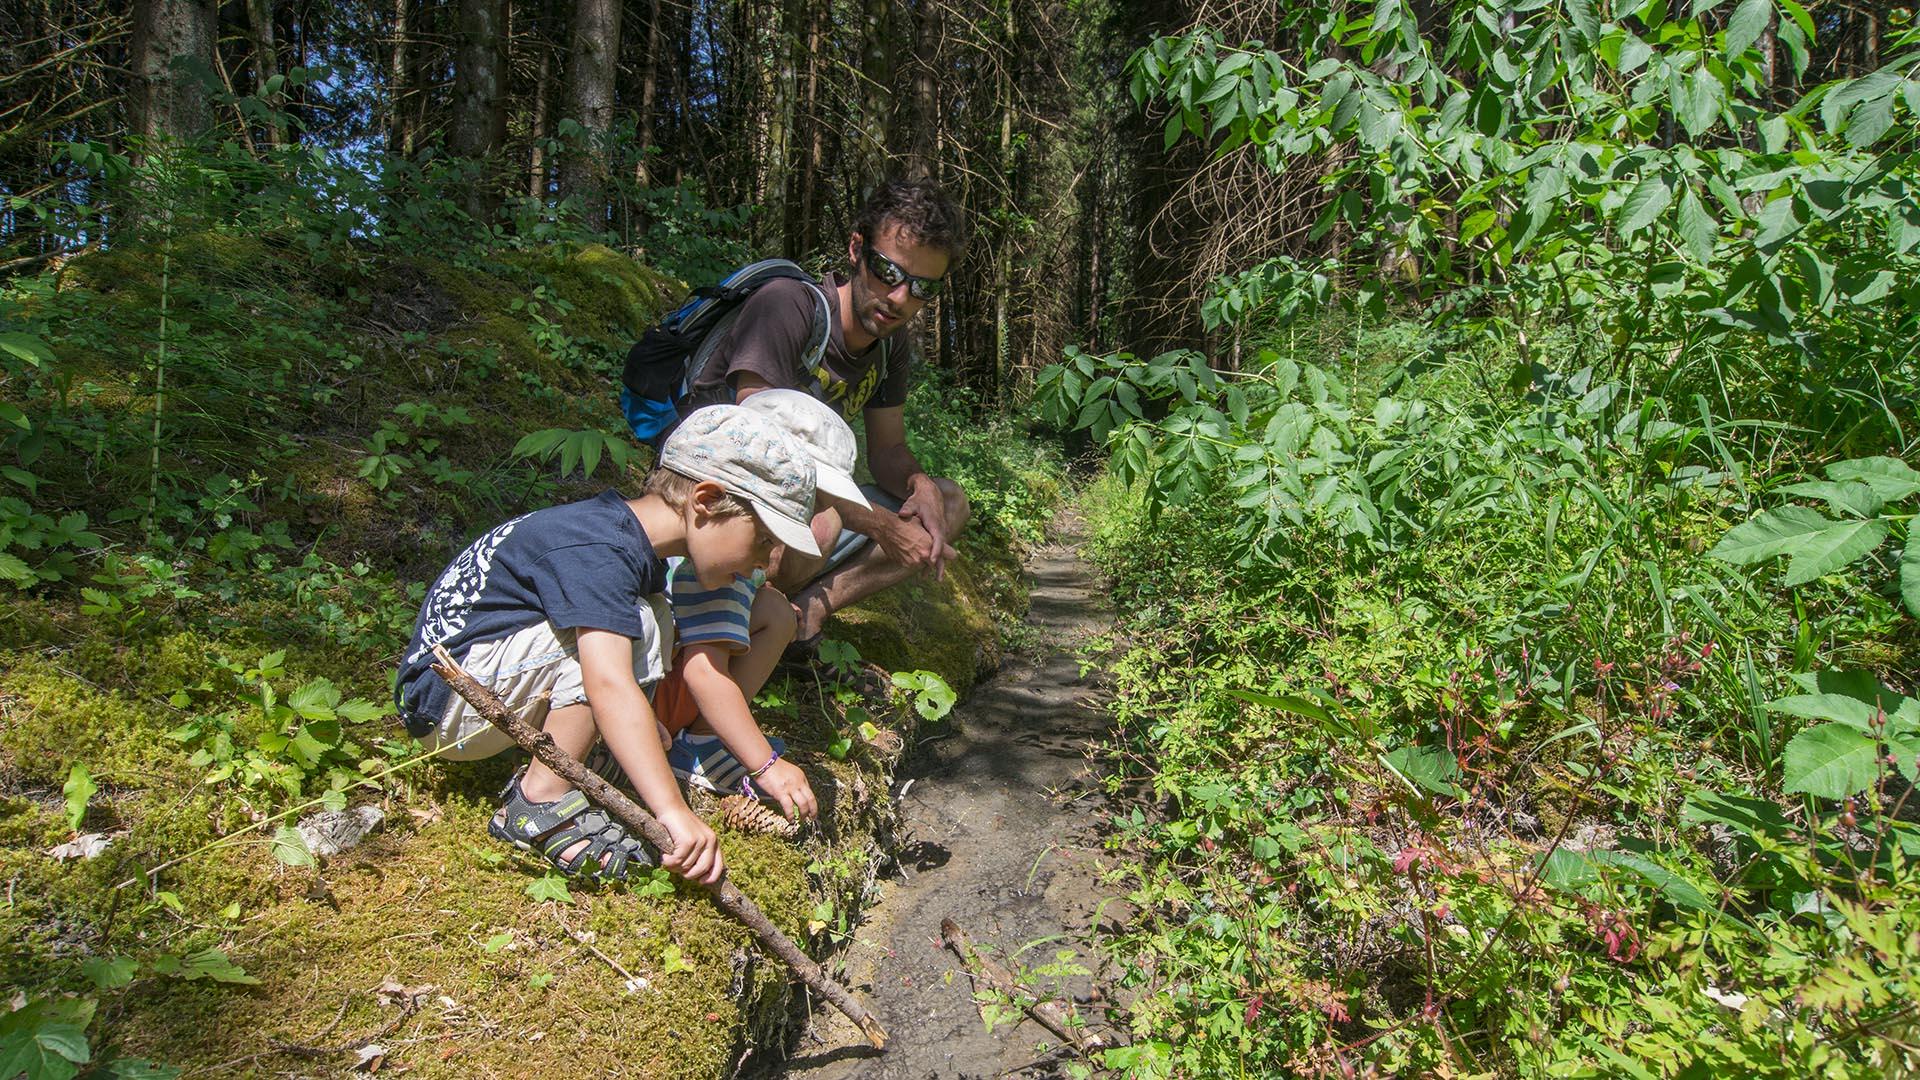 2 enfants et un accompagnateur au bord du brevon dans la foret ivre